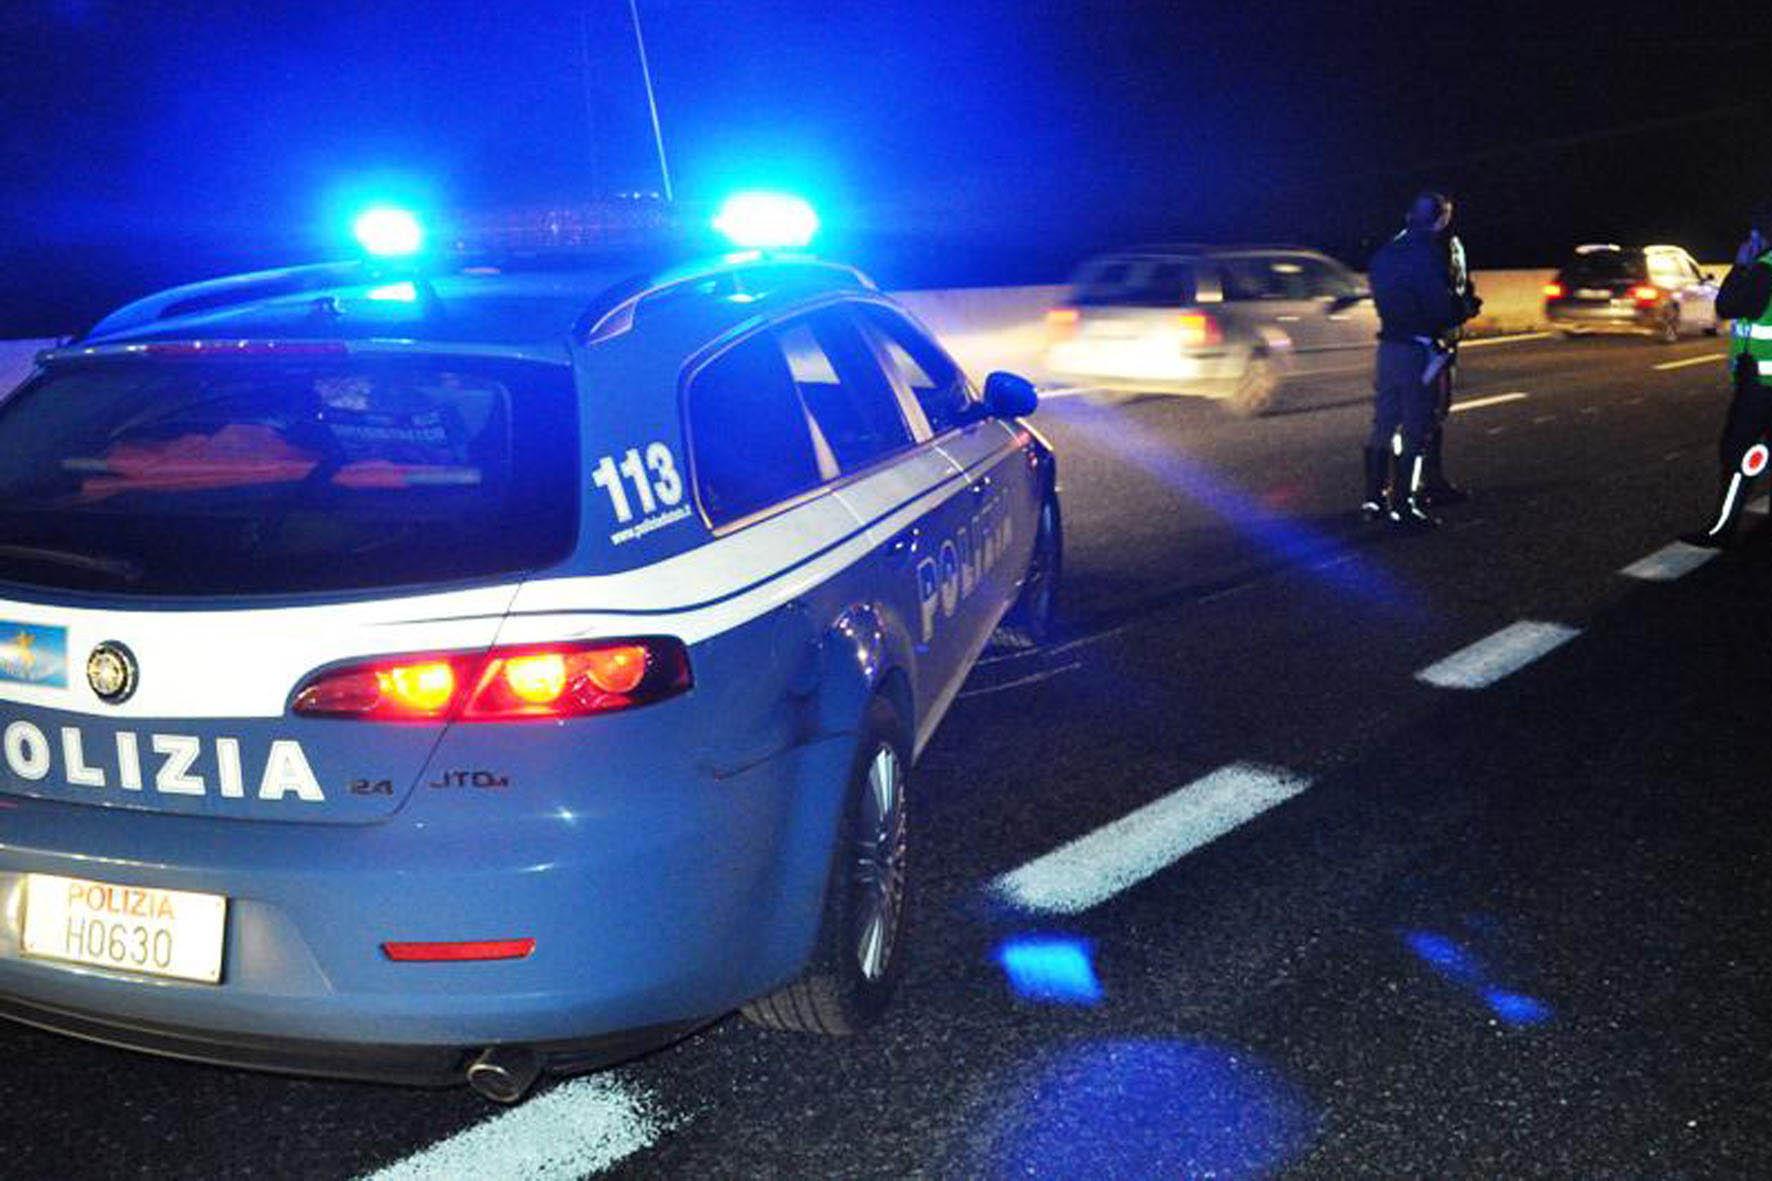 Contromano causa scontri con altri veicoli: tasso alcolico elevatissimo